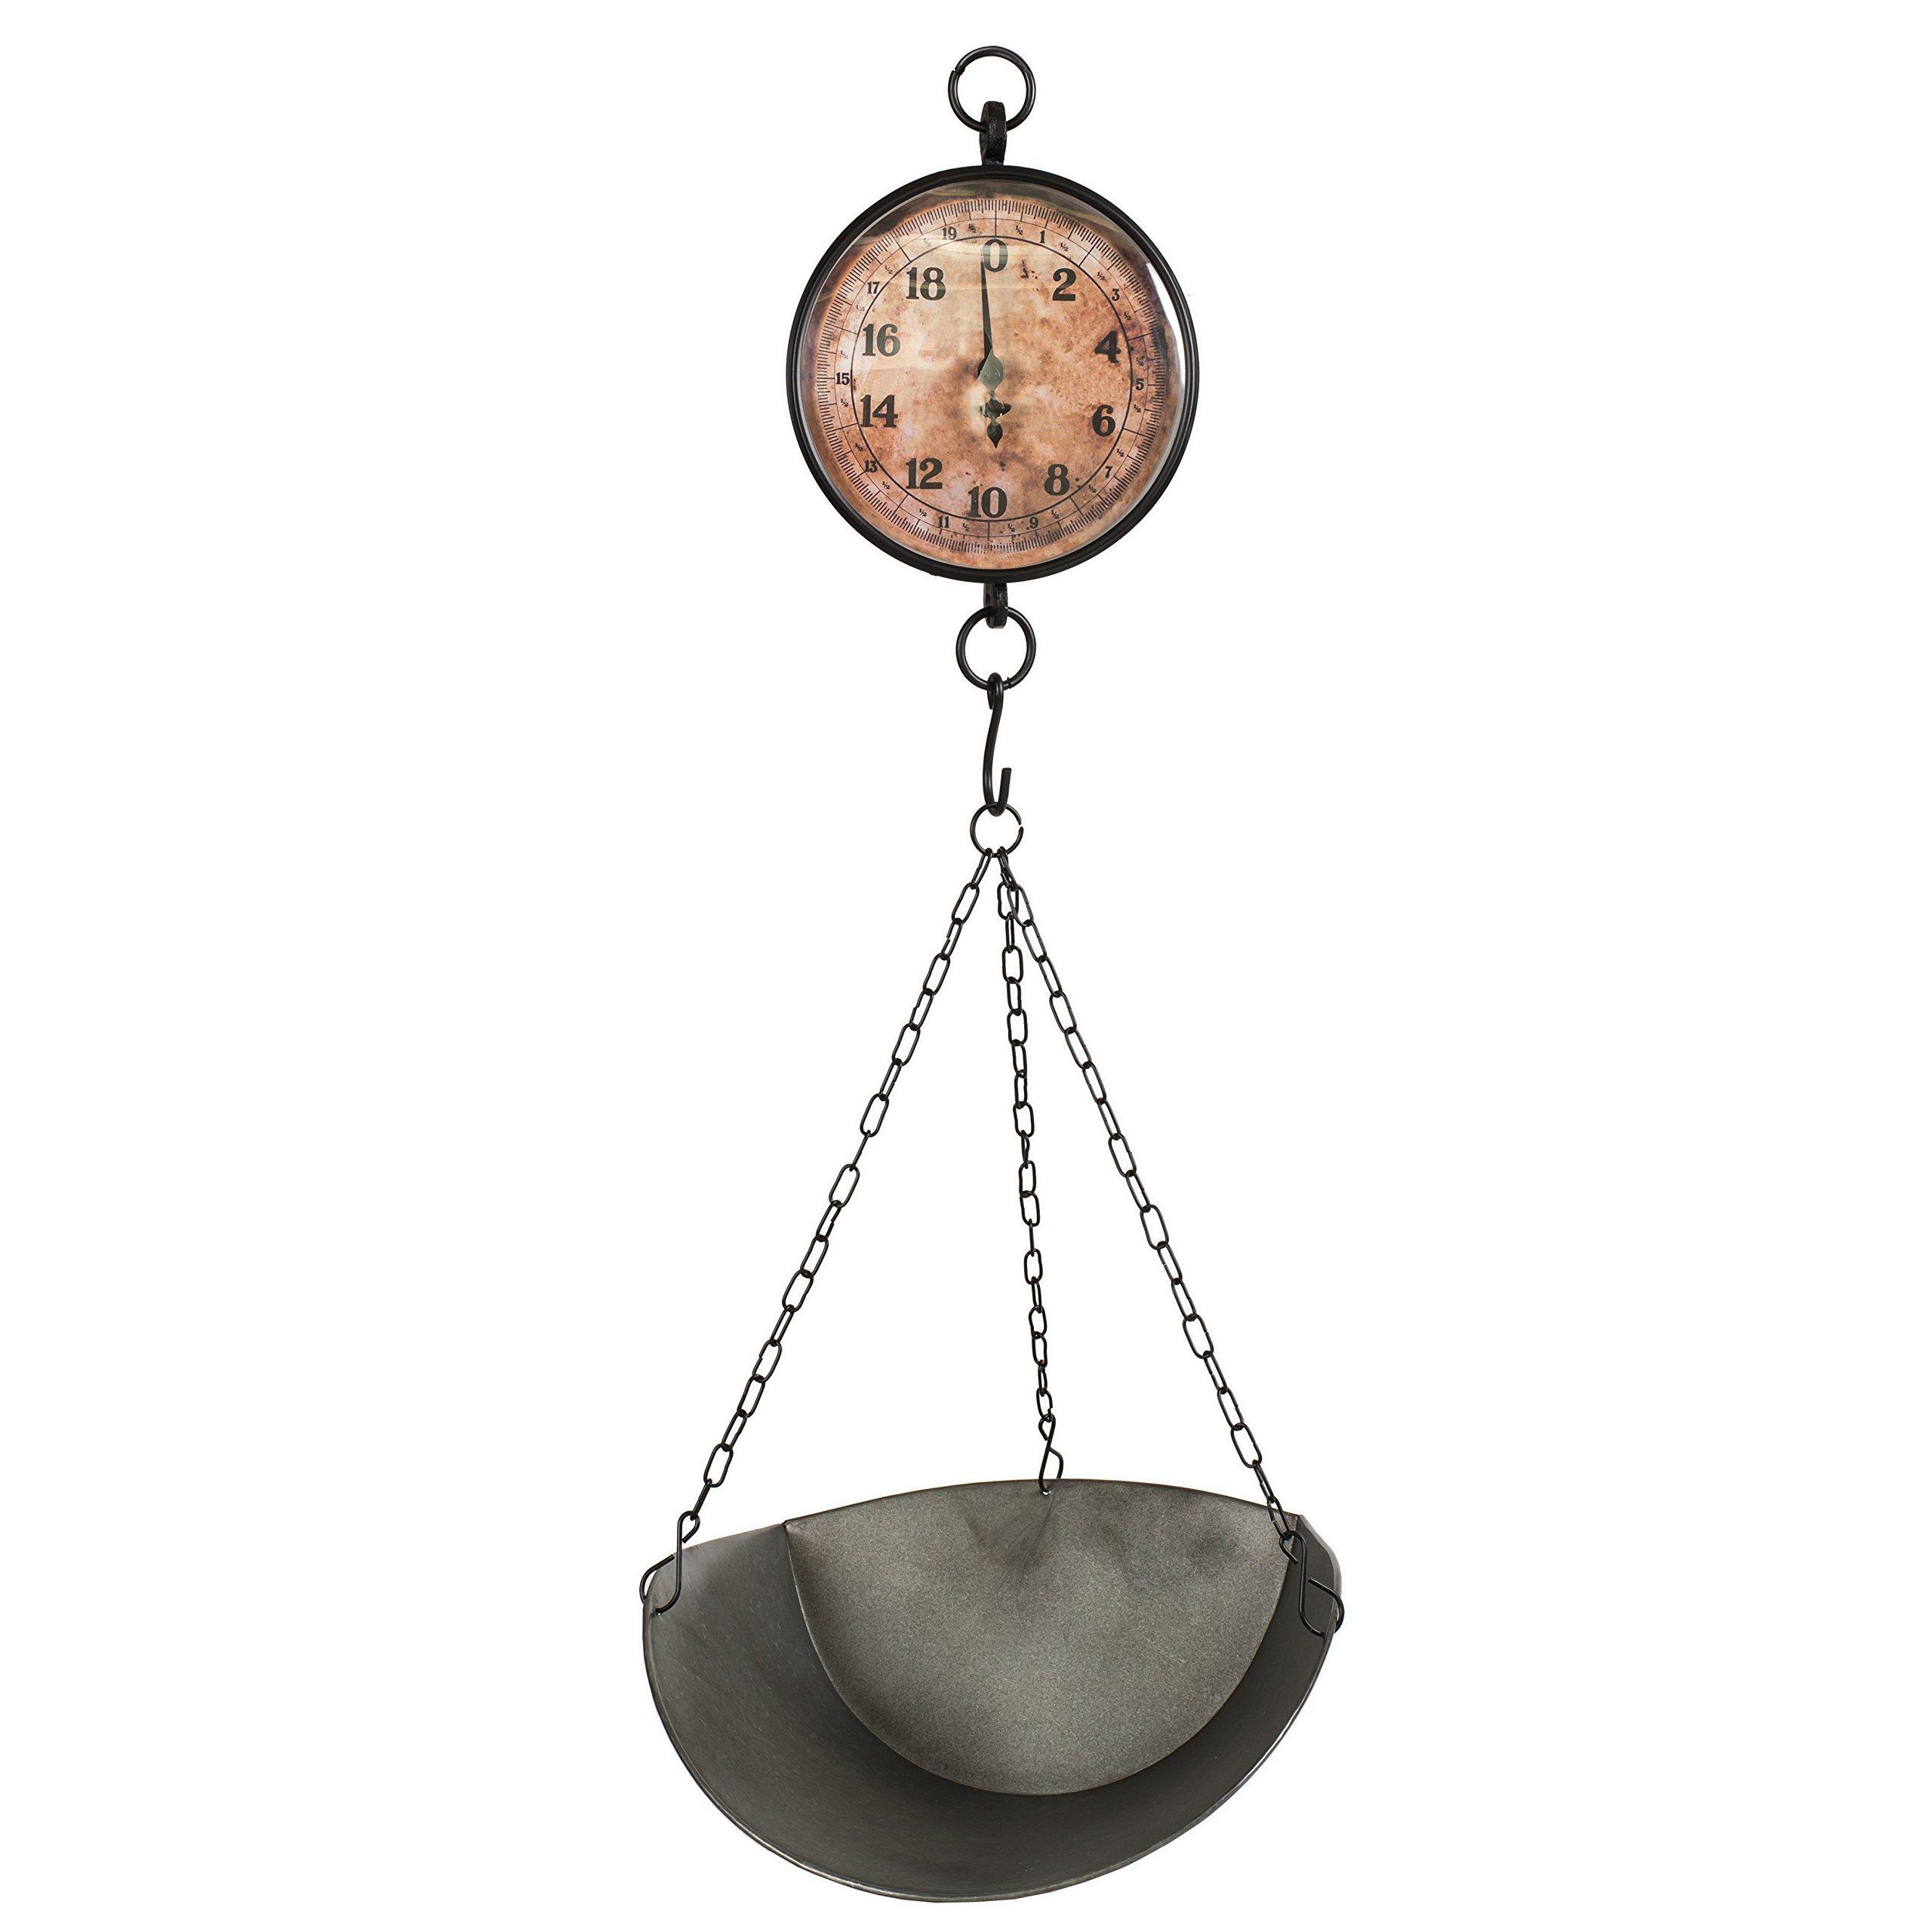 Decorative Vintage Style Market Scale - 13.5''x 6.5x13'' Pan 7.75'' Face